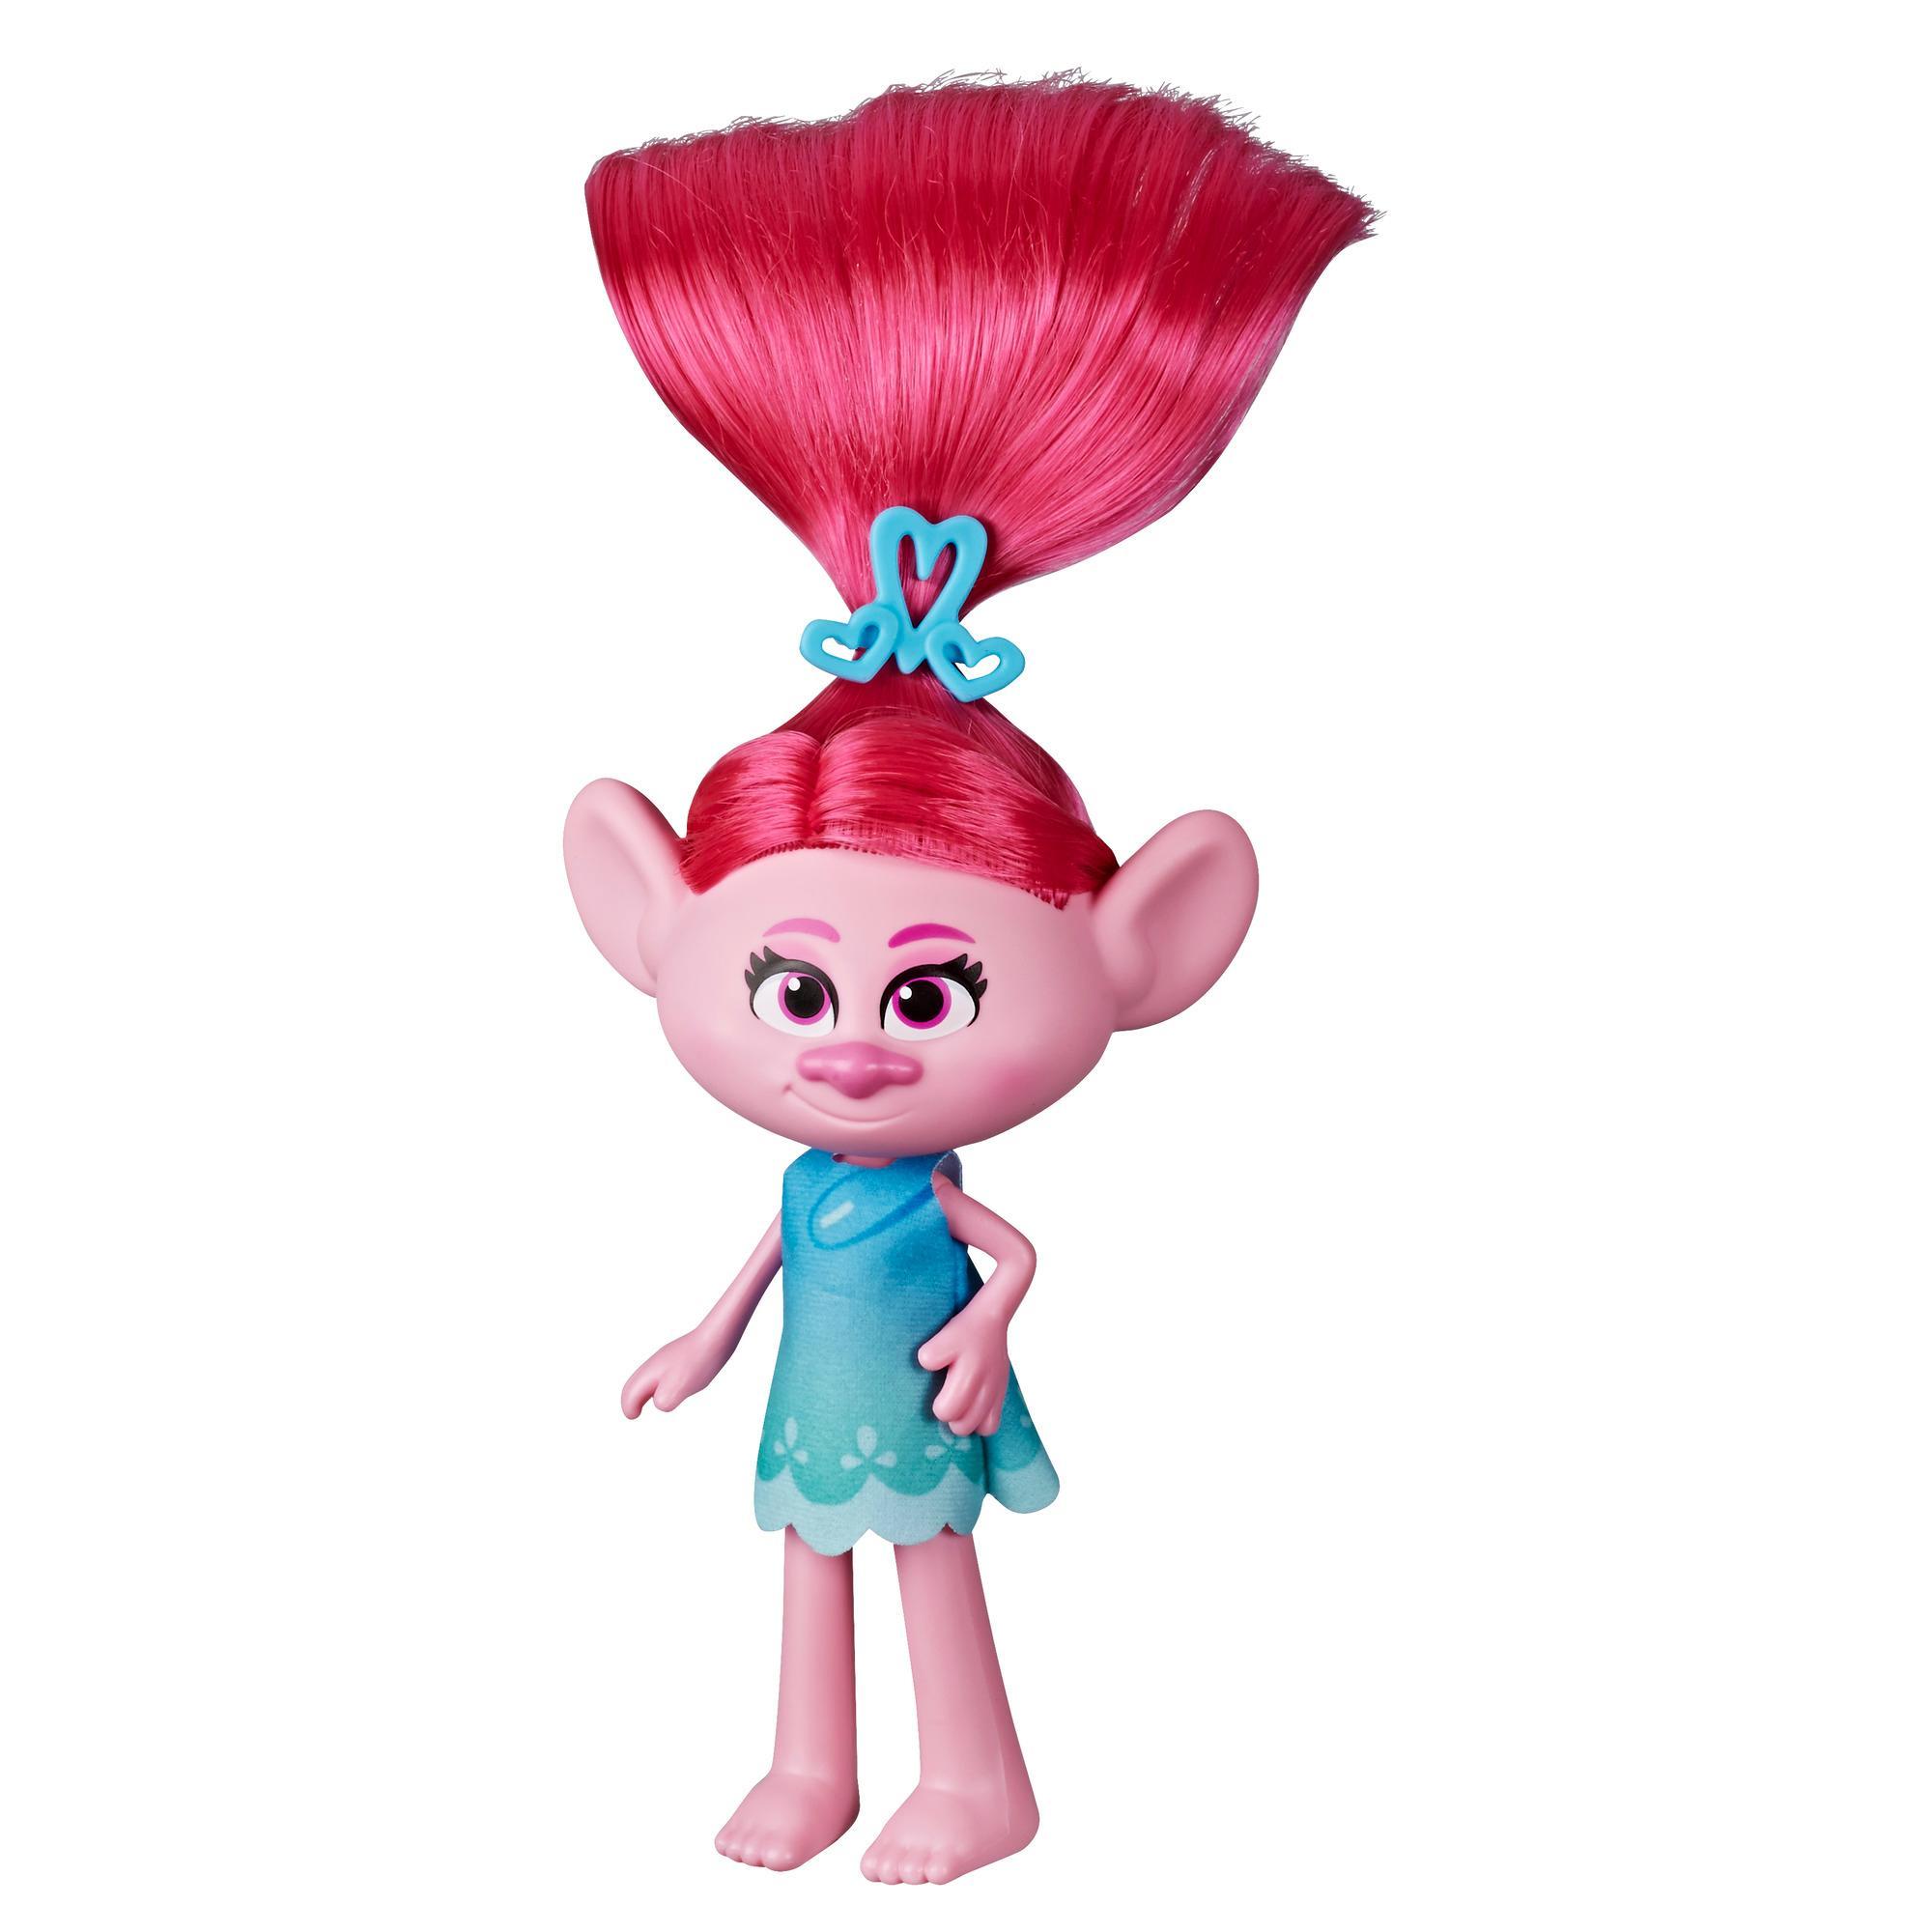 DreamWorks Trolls - Estilo Poppy - Figura con vestido removible y accesorio para el cabello, inspirada en Trolls 2